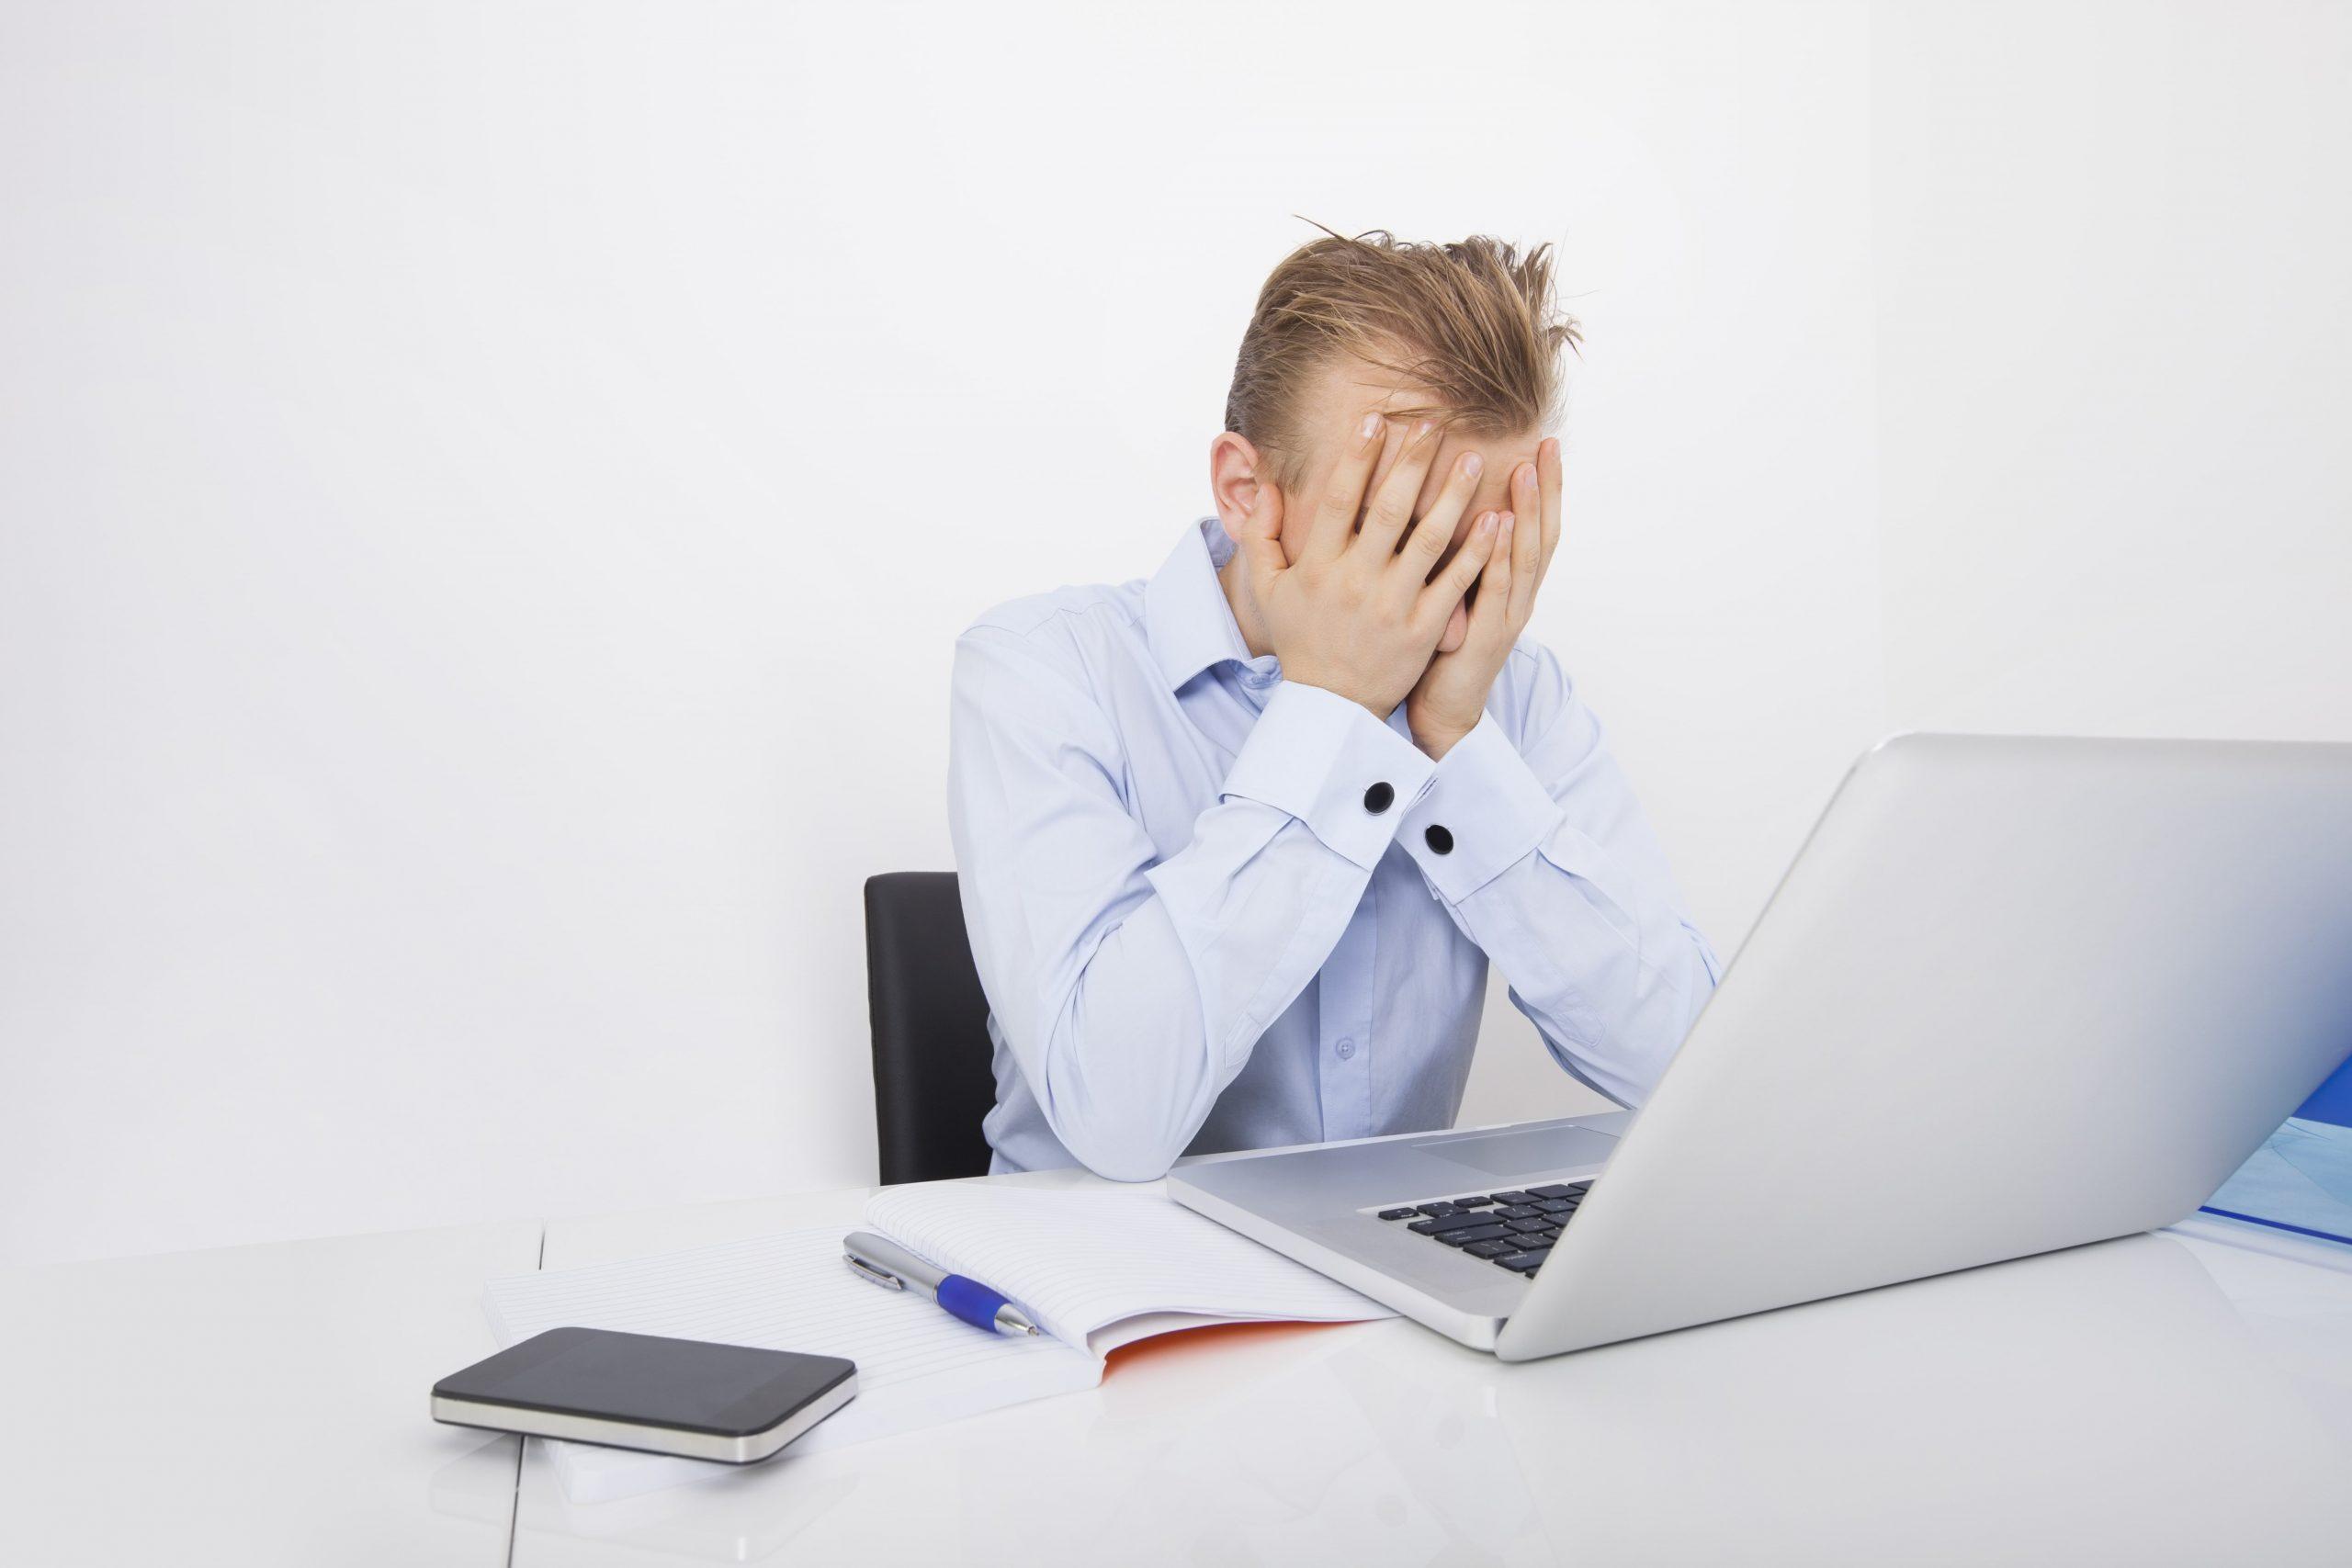 מה העונש על עבירות מחשב?